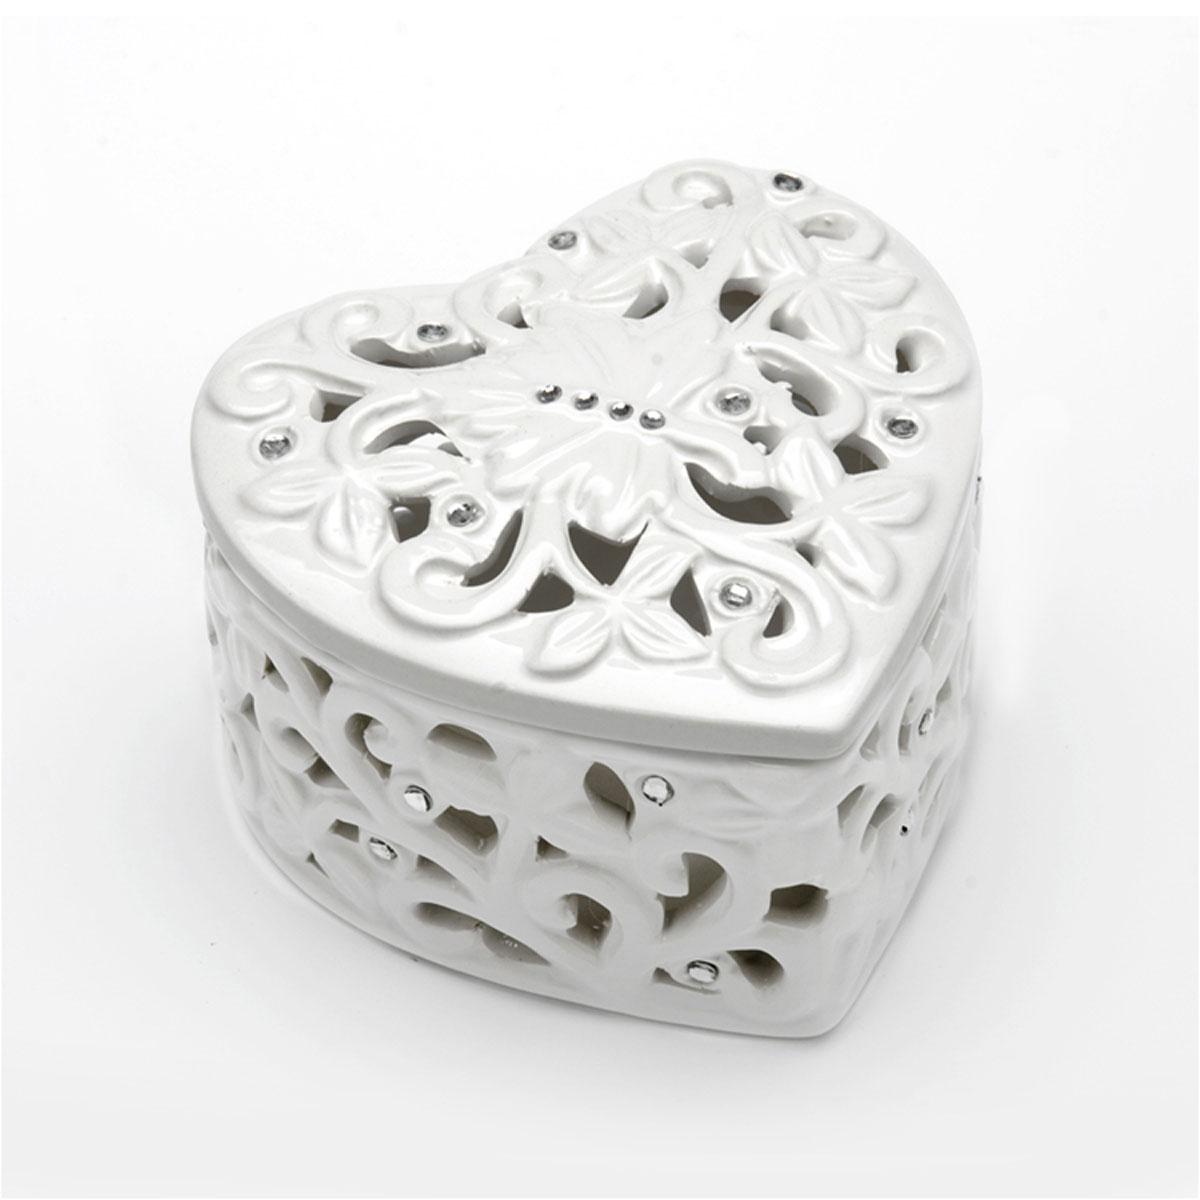 Шкатулка декоративная Loraine Сердце, 11 х 10,5 х 6,5 смFS-80299Шкатулка декоративная Loraine Сердце, украшенная оригинальным ажурным узором и стразами, удачно украсит ваш интерьер. Изделие выполнено из доломита. Стильная форма и интересное исполнение идеально впишутся в любой стиль интерьера, а универсальный цвет подойдет к любой мебели.Такая шкатулка может использоваться для хранения бижутерии, а также послужит хорошим подарком для человека, ценящего практичные и оригинальные вещицы.Размер шкатулки: 11 х 10,5 х 6,5 см.